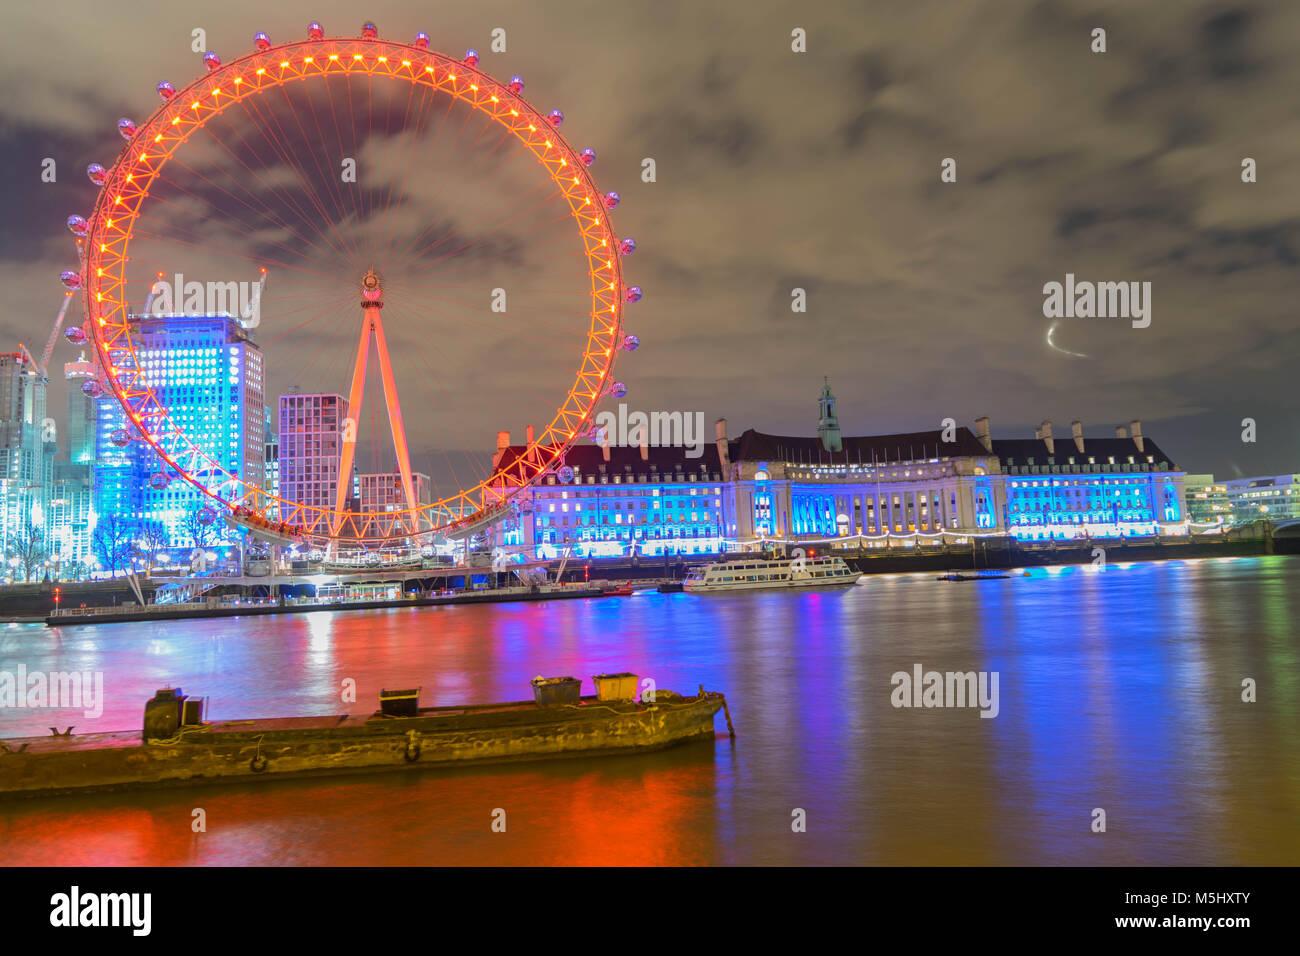 Londres, Reino Unido, 17 de febrero de 2018: UK skyline en la noche. Iluminación de la noria London Eye y los Imagen De Stock